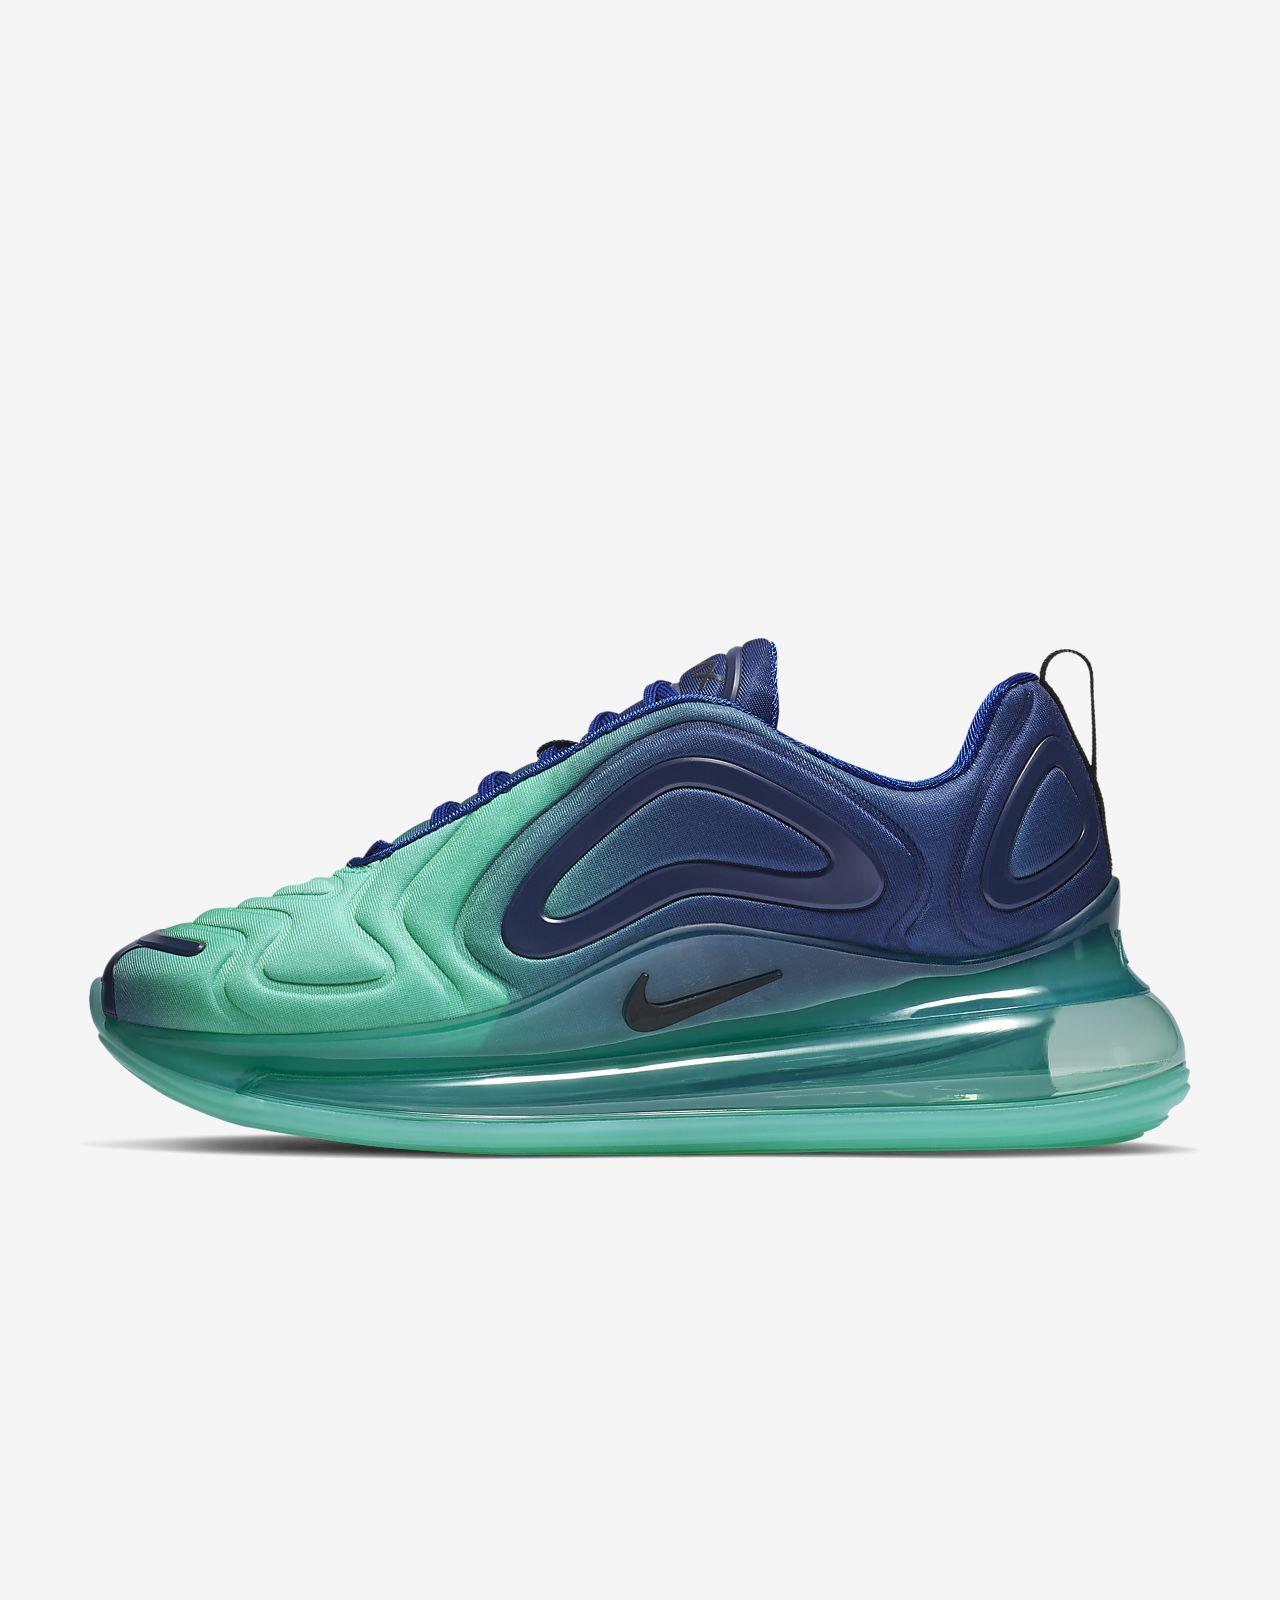 Pour Max 720 FemmeBe Chaussure Air Nike b76fyYg